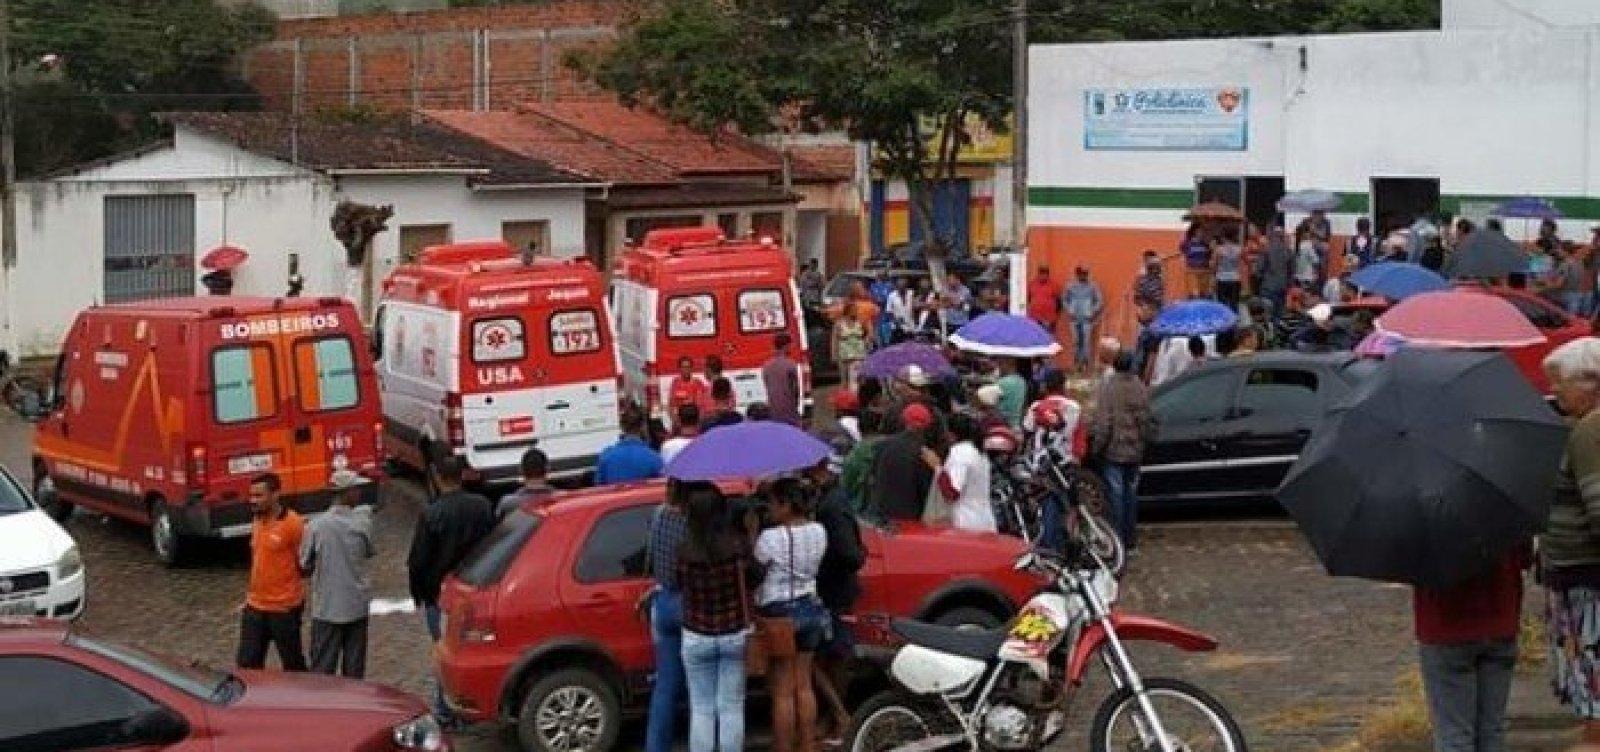 [Caminhão que transportava feirantes tomba na zona rural de Apuarema e deixa mais de 15 feridos]